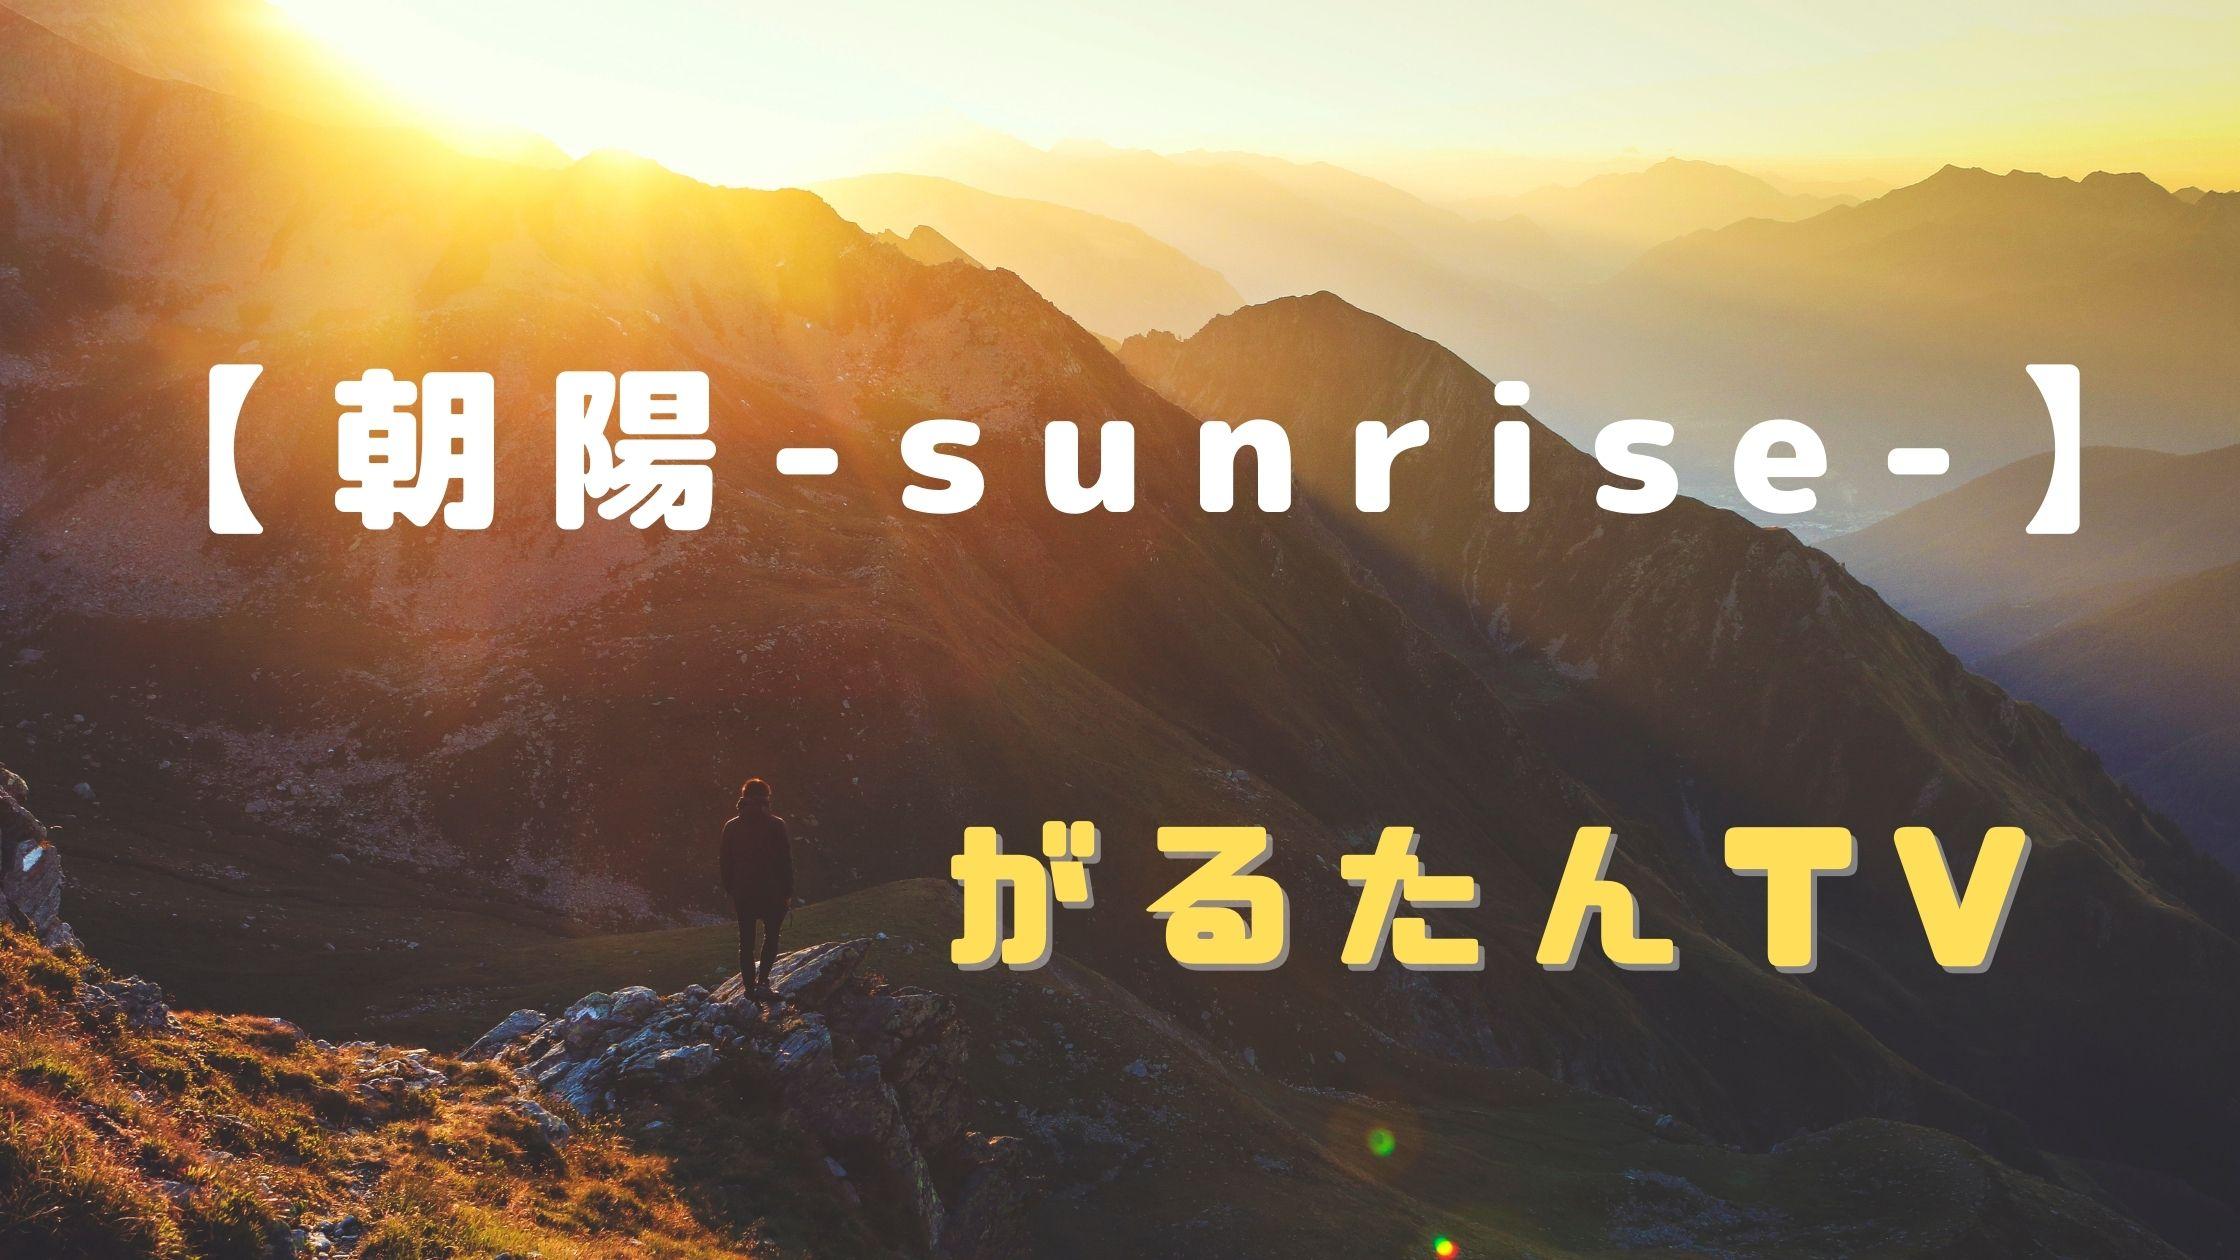 がるたんTV【朝陽〜sunrise】『難関大攻略!脱丸暗記の英熟語』2020年11月火・金曜[全8回](3〜27日)6時マンスリーチケット